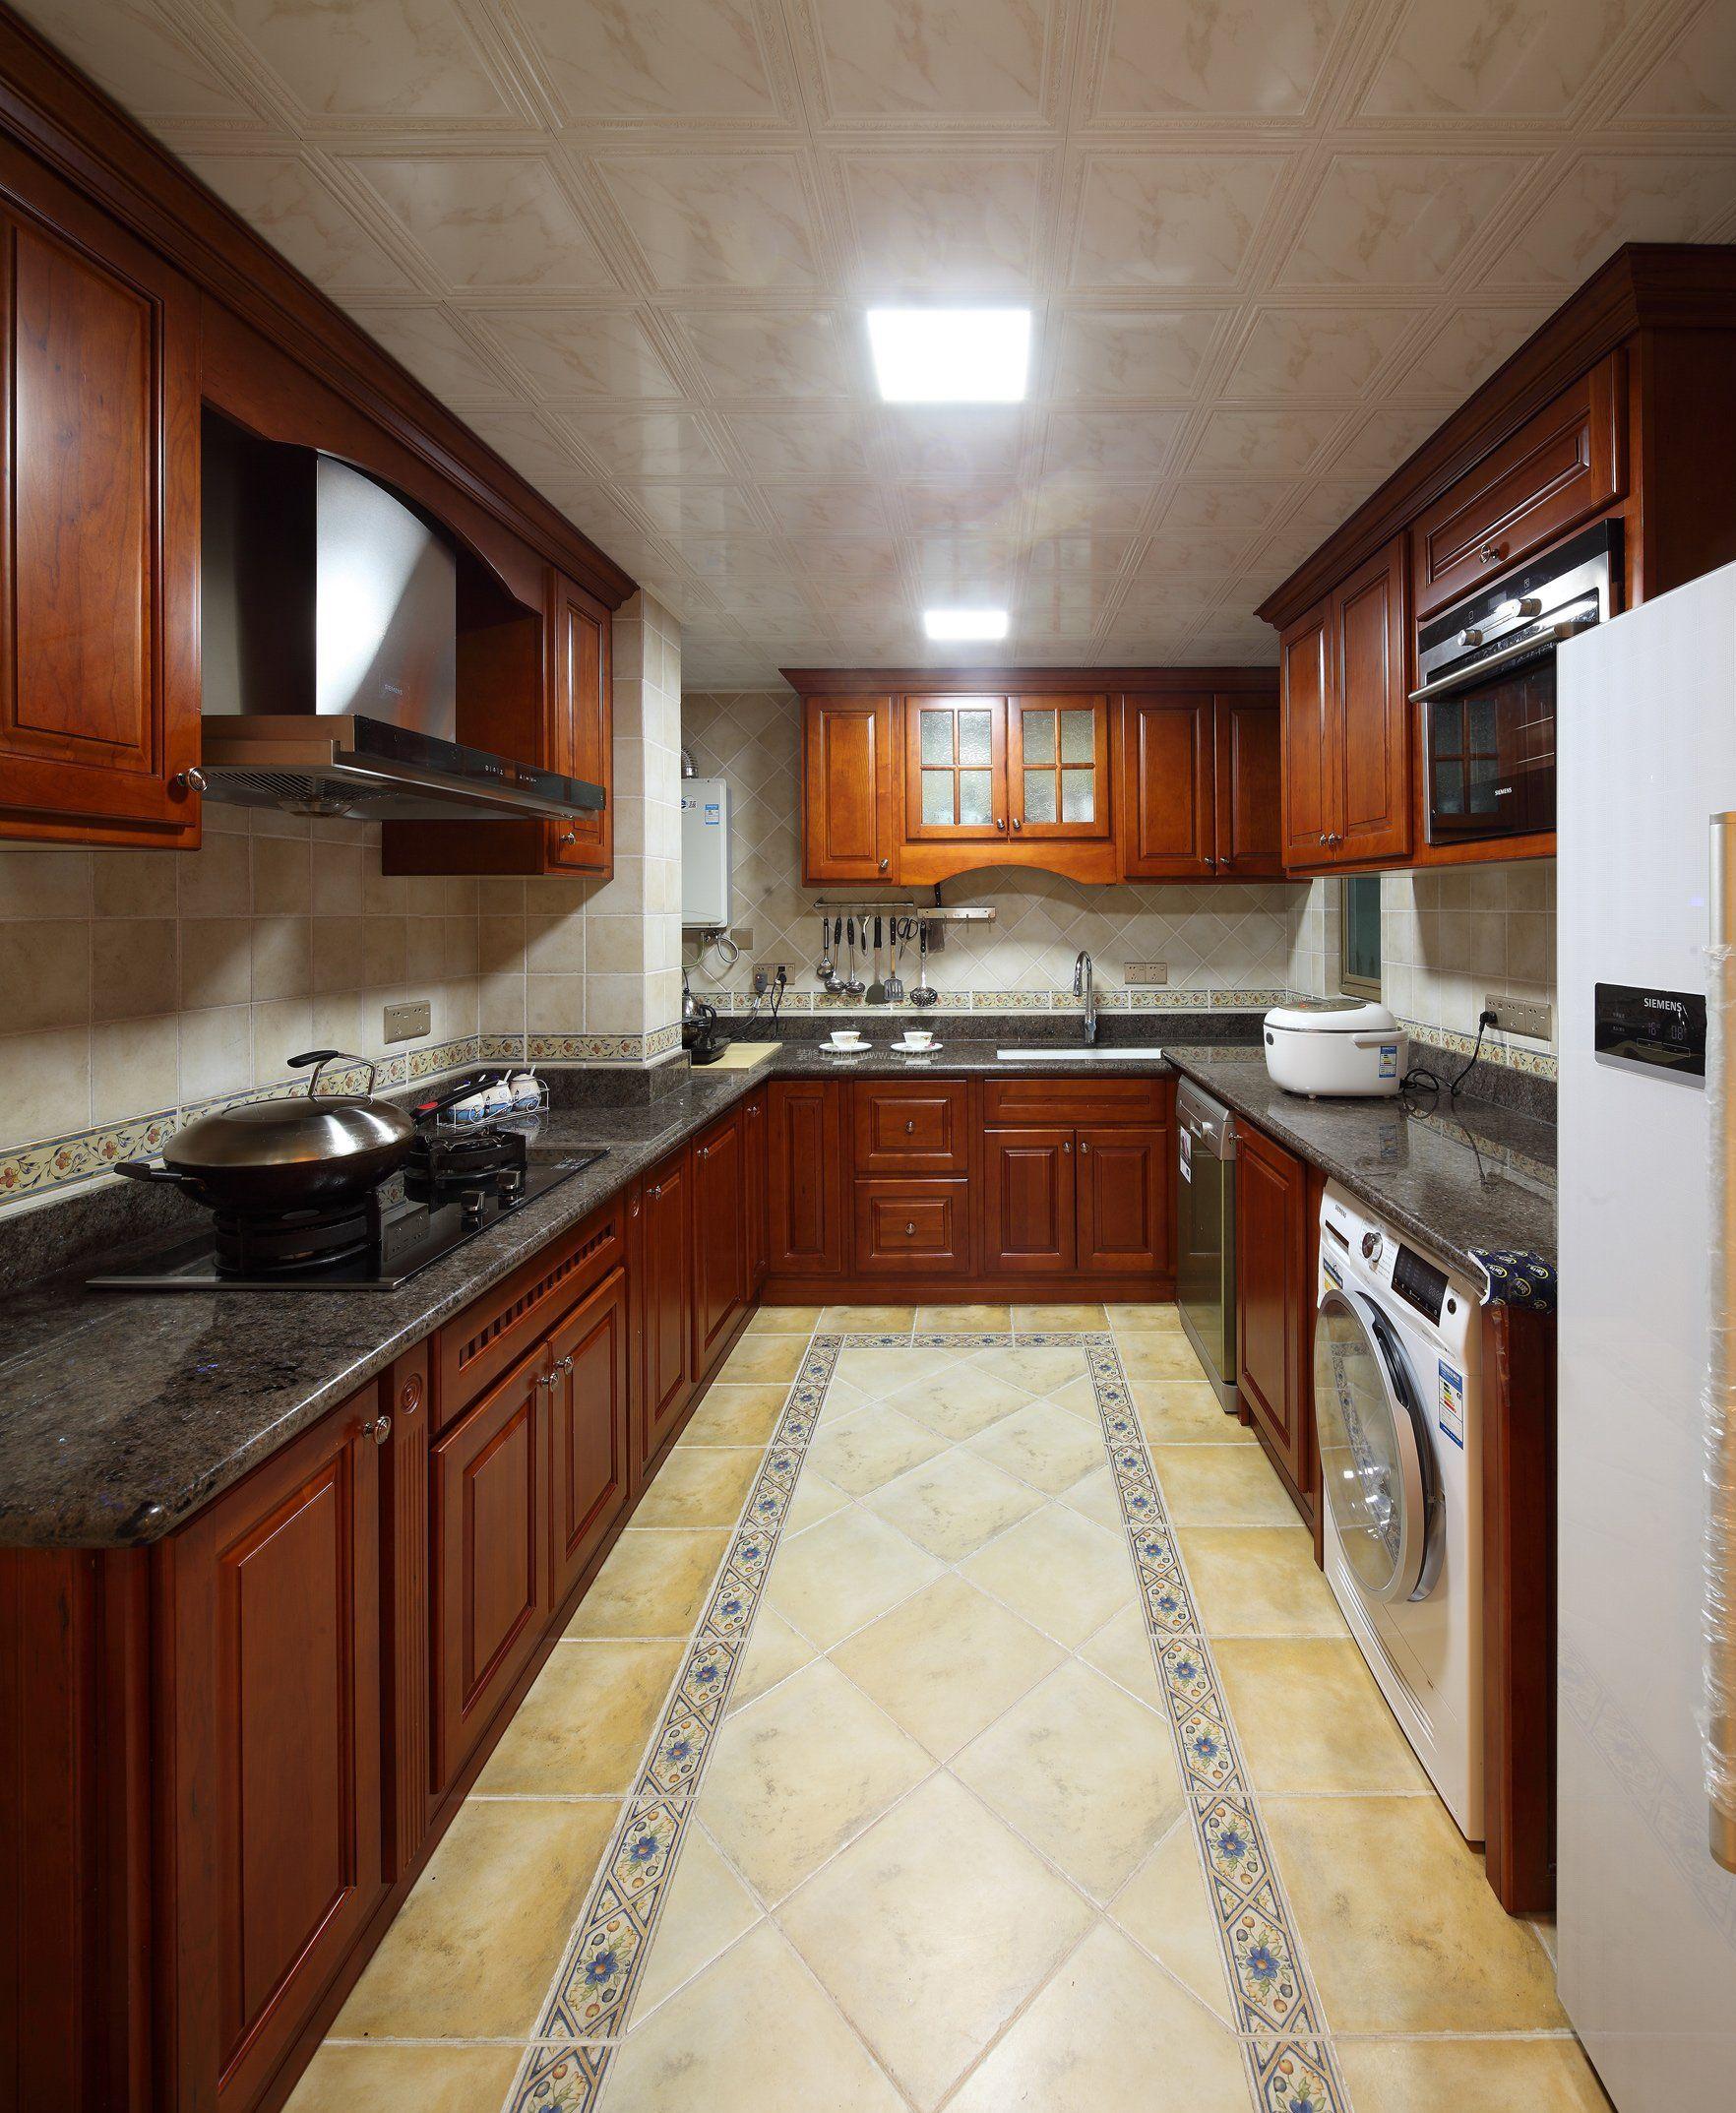 房屋厨房地板砖颜色设计图片